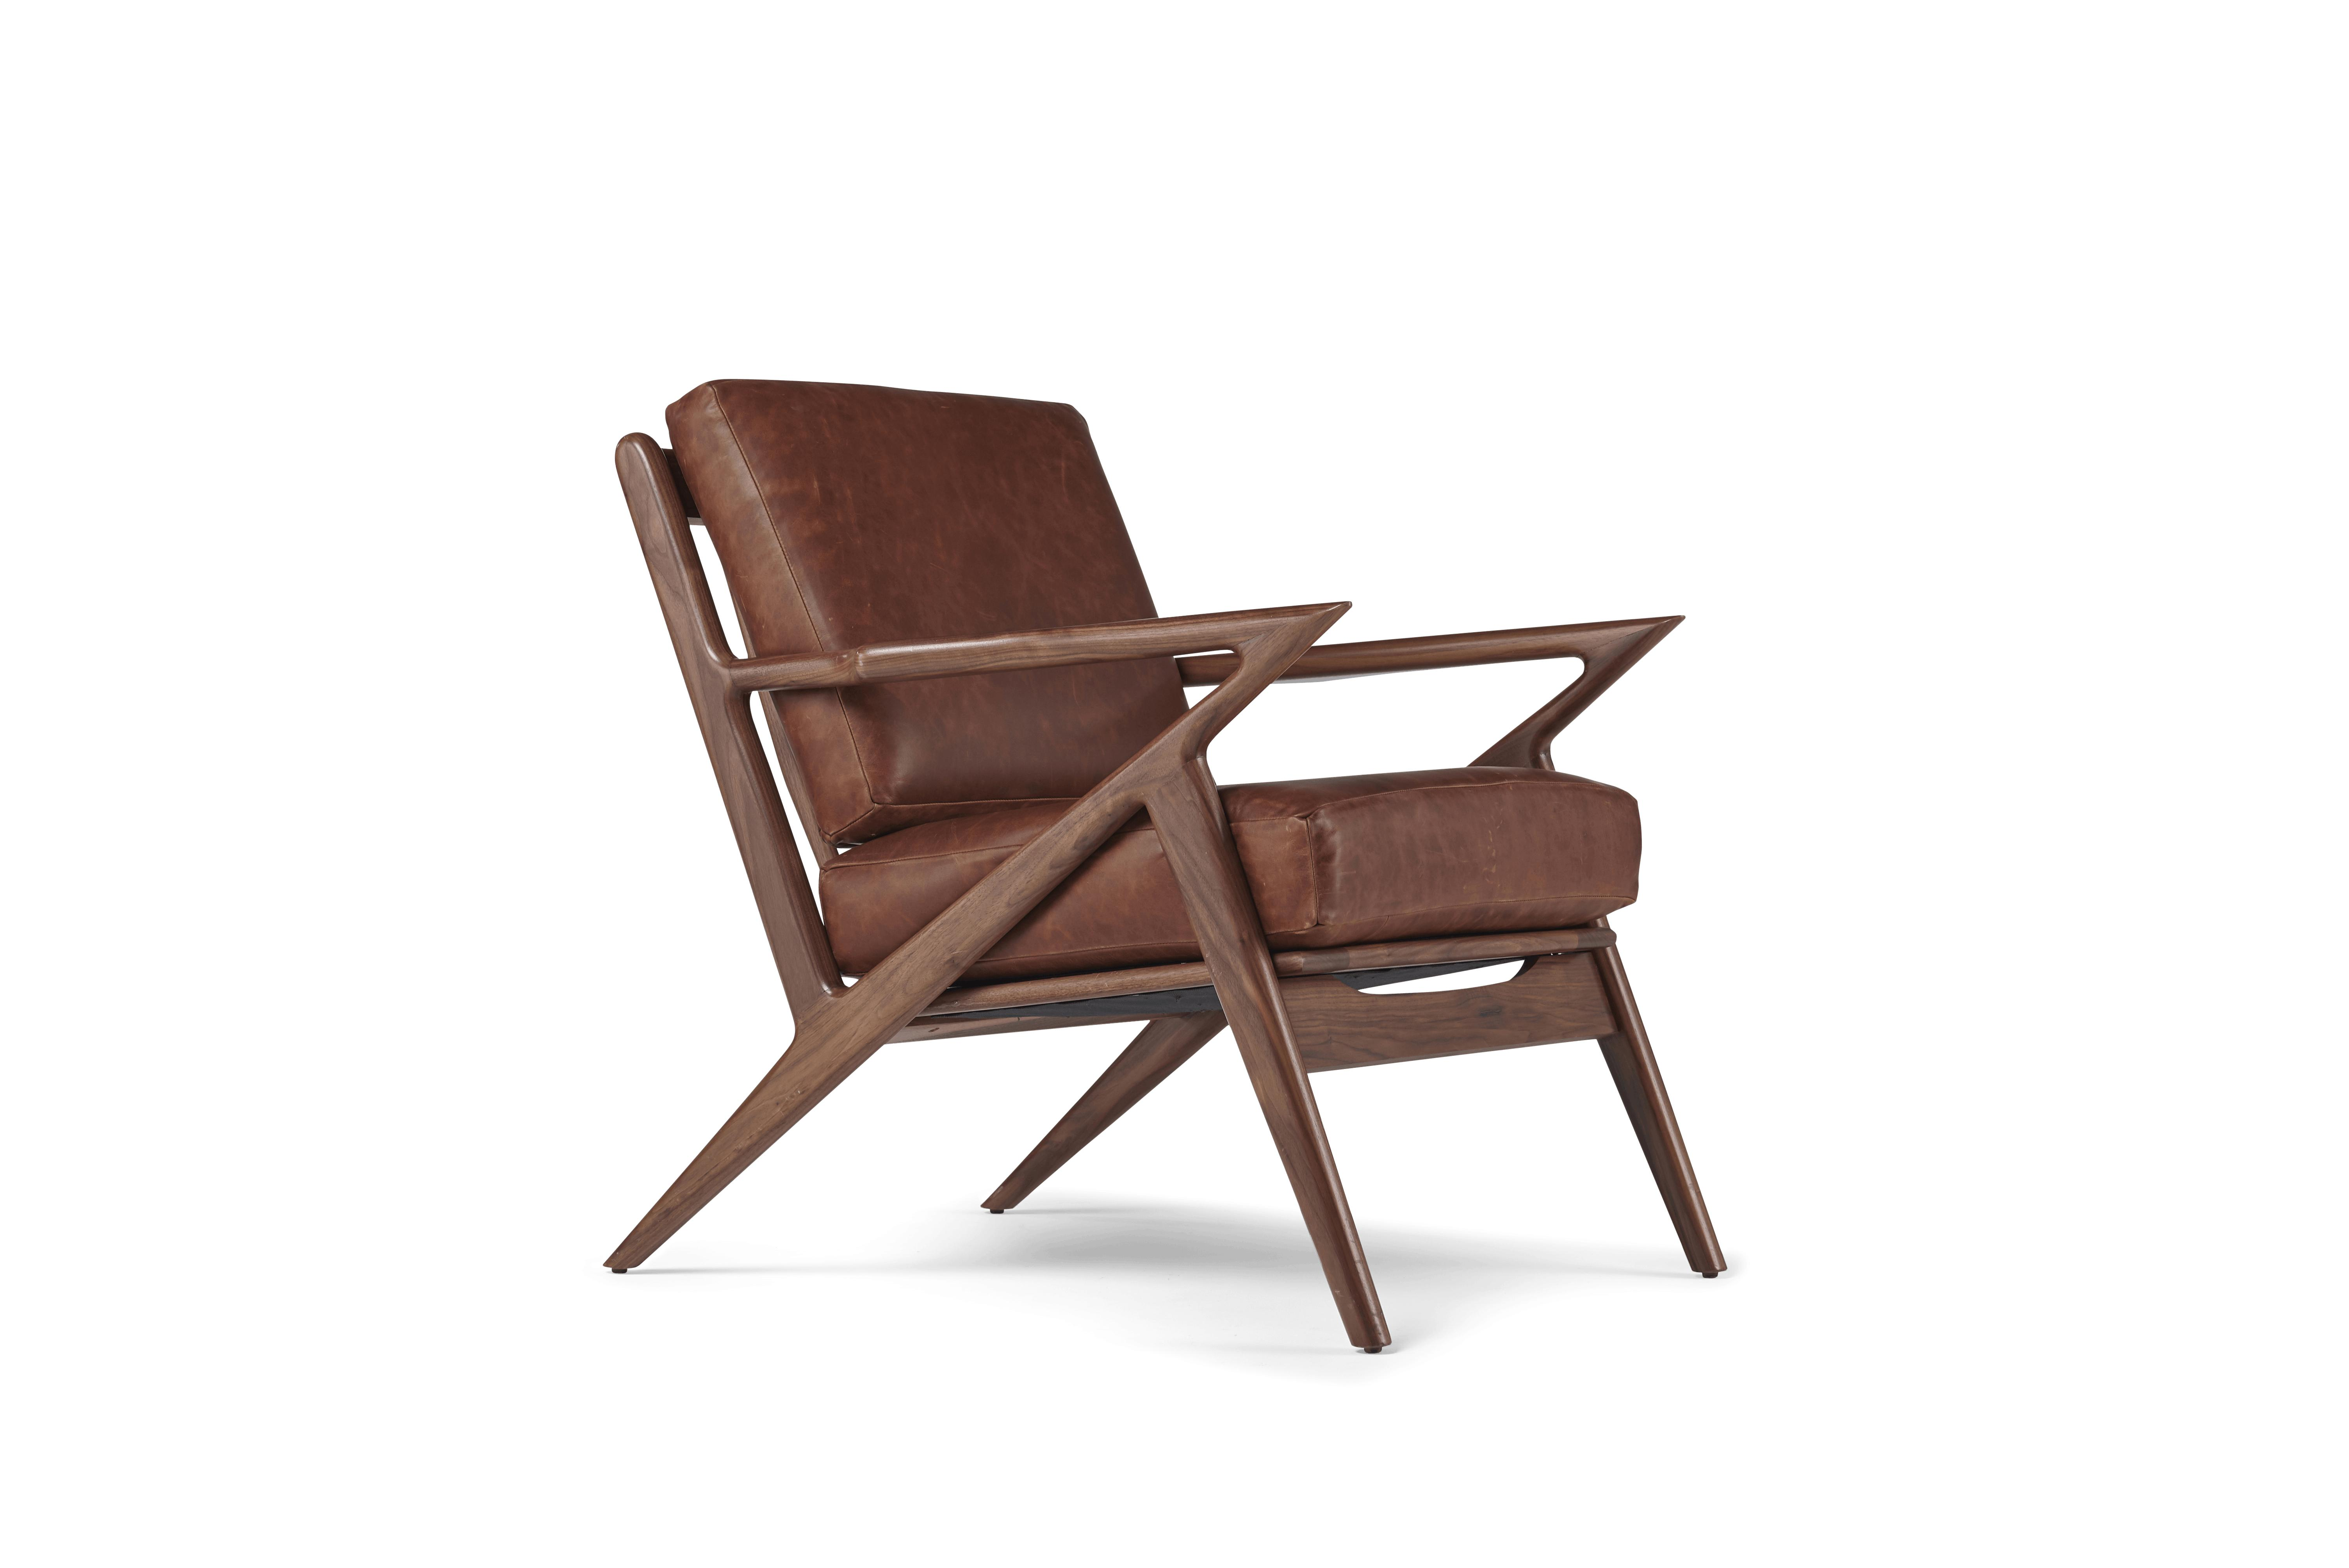 Brown Soto Mid Century Modern Leather Chair - Academy Cuero - Walnut